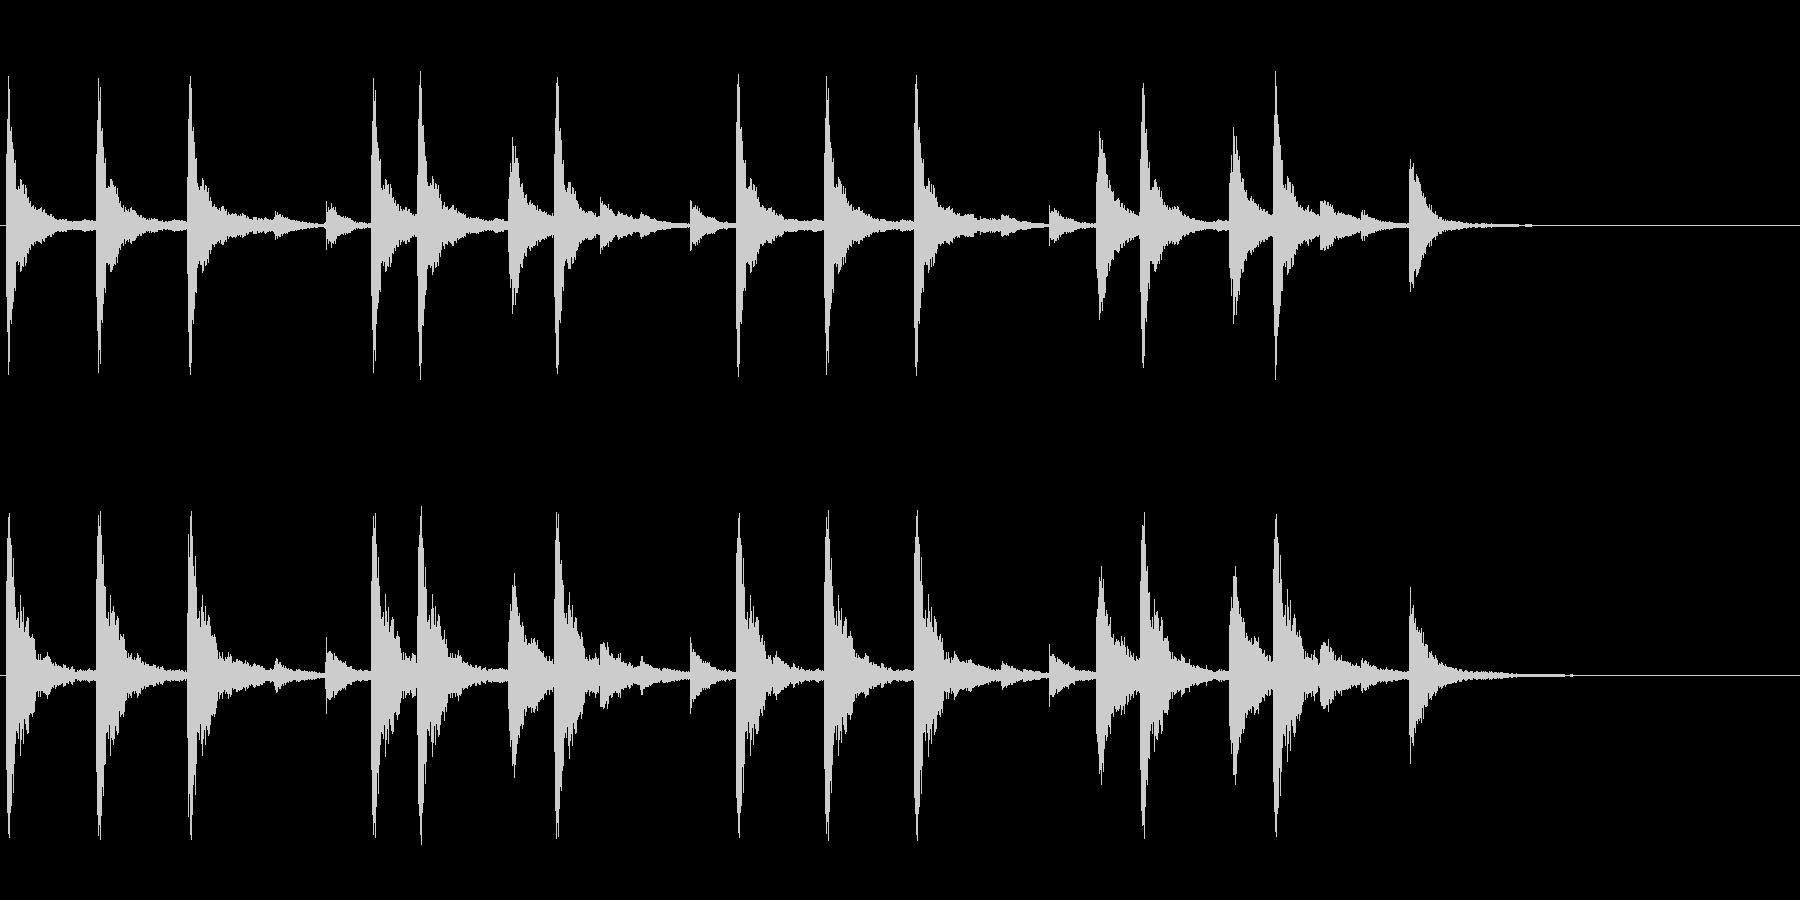 お祭りお囃子の当たり鉦のフレーズ音+FXの未再生の波形